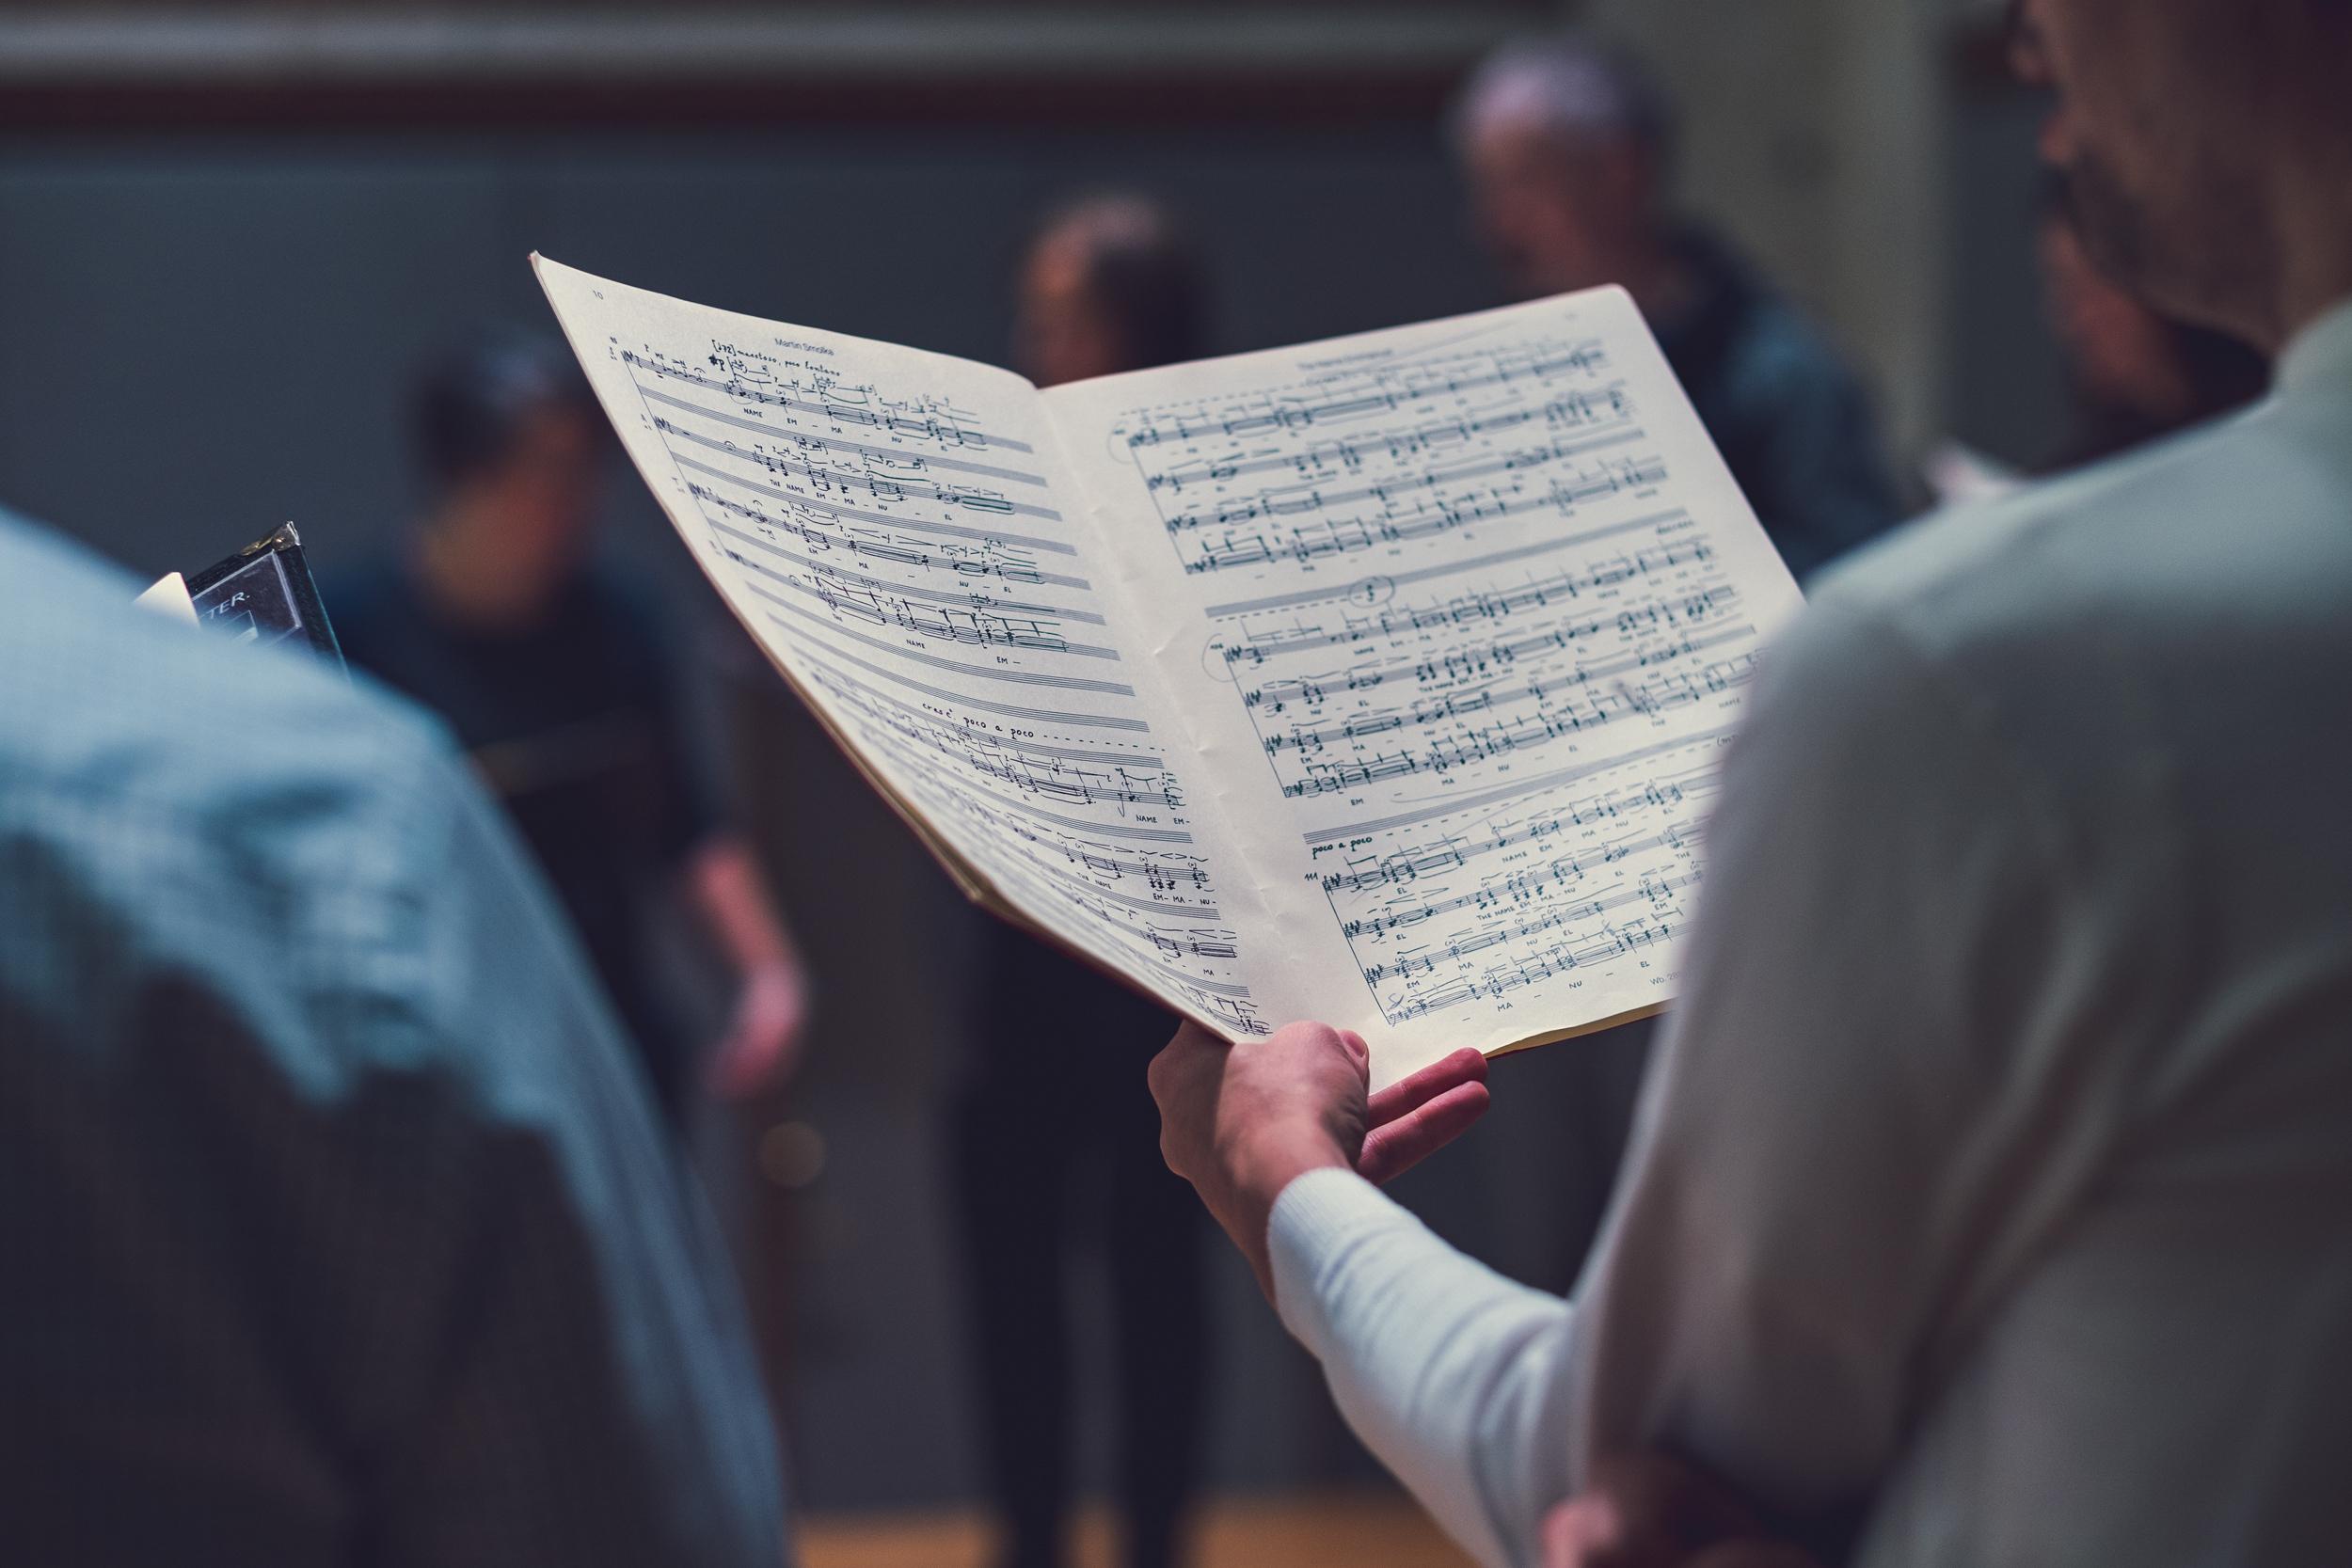 Prøvesang Solistkoret UNG